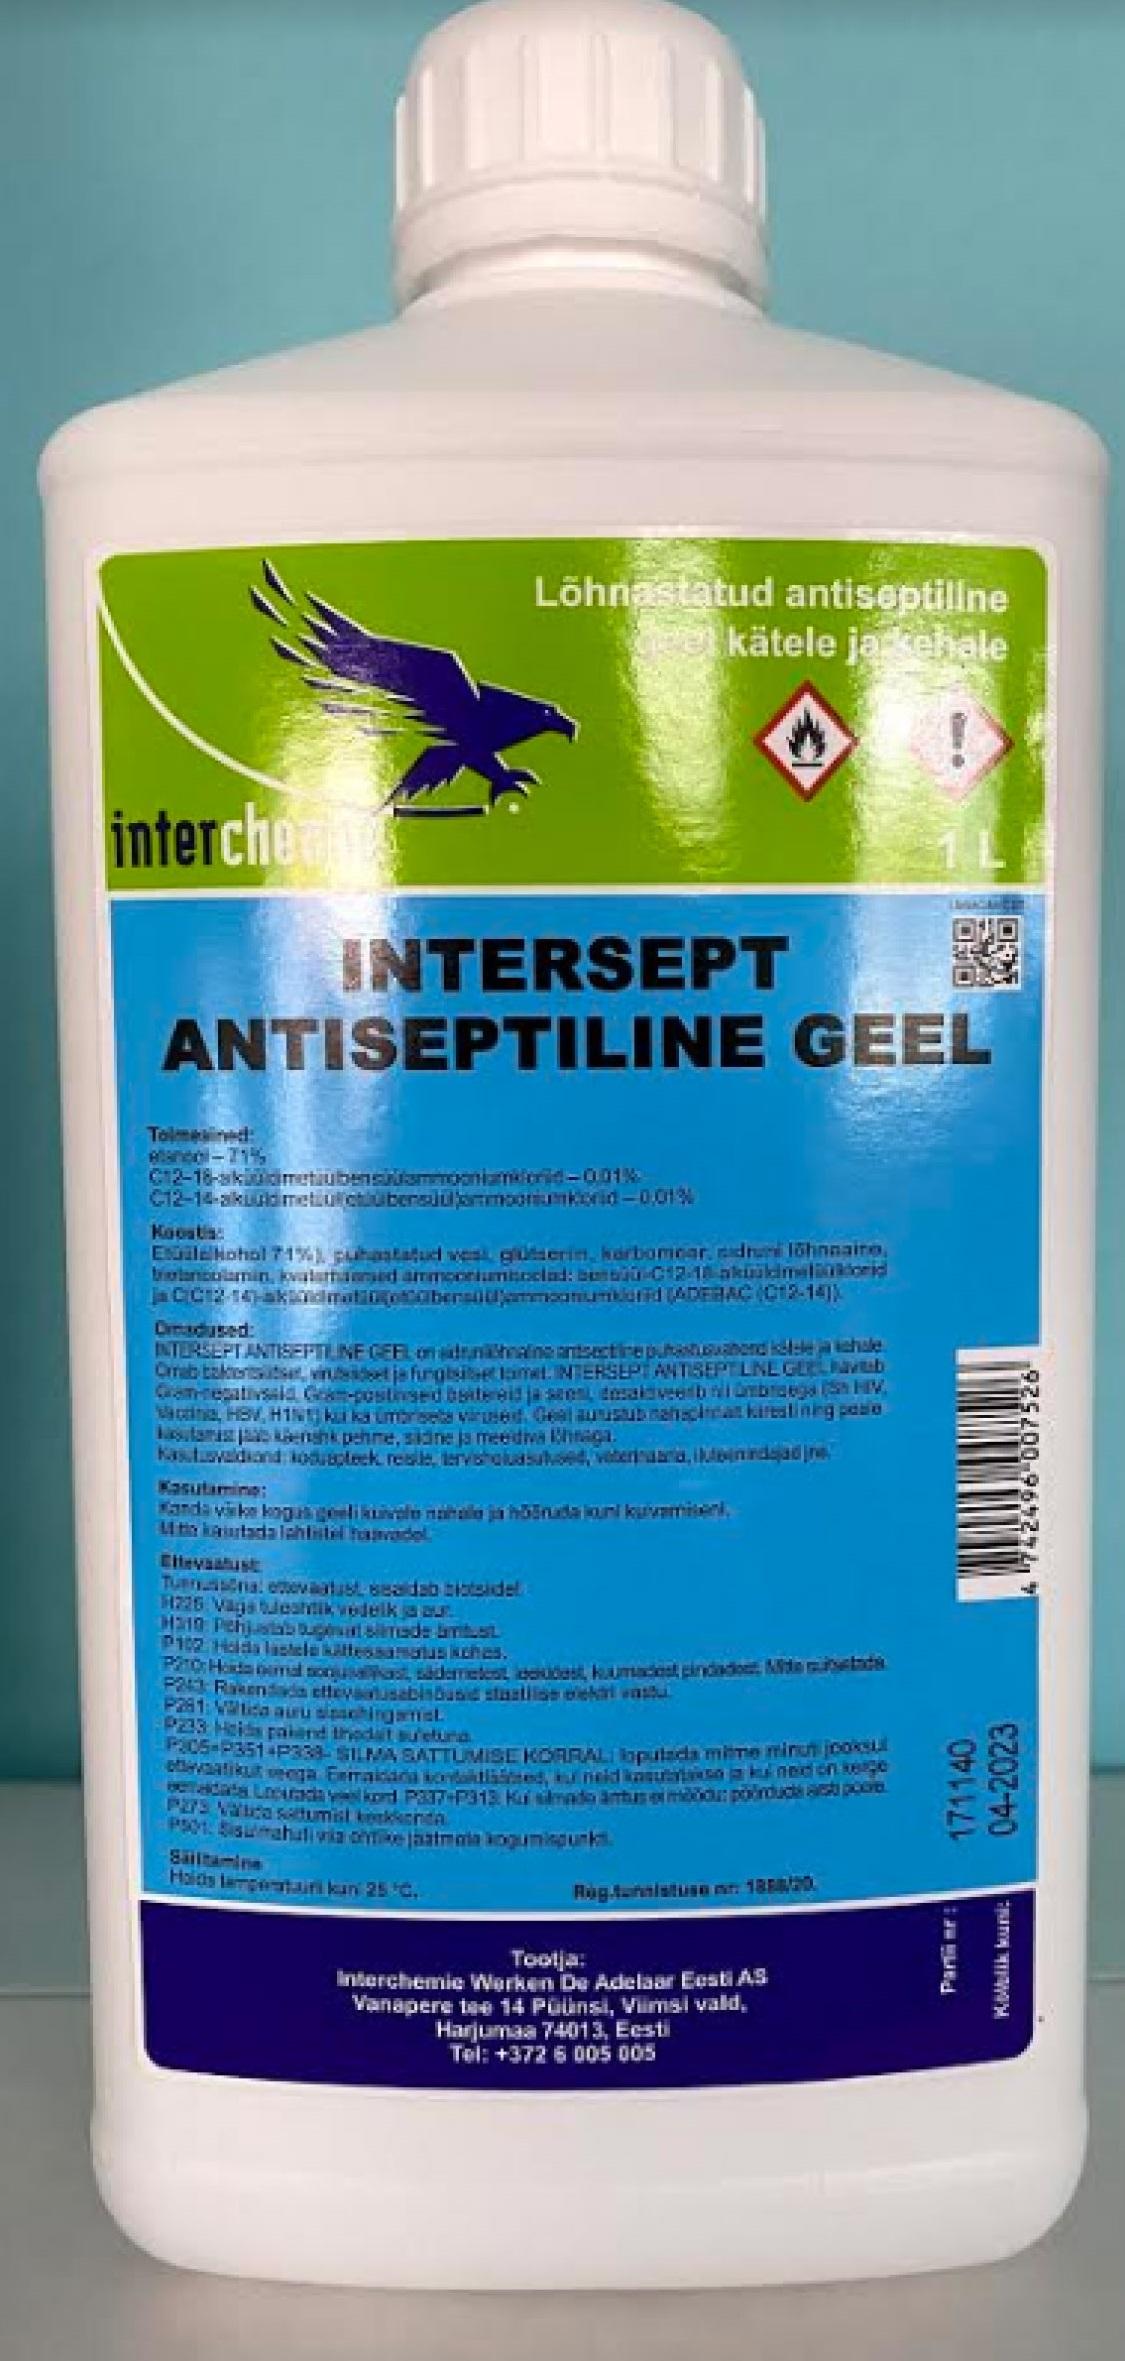 INTERSEPT ANTISEPTIC GEL 1L roku dezinfekcijas līdzeklis